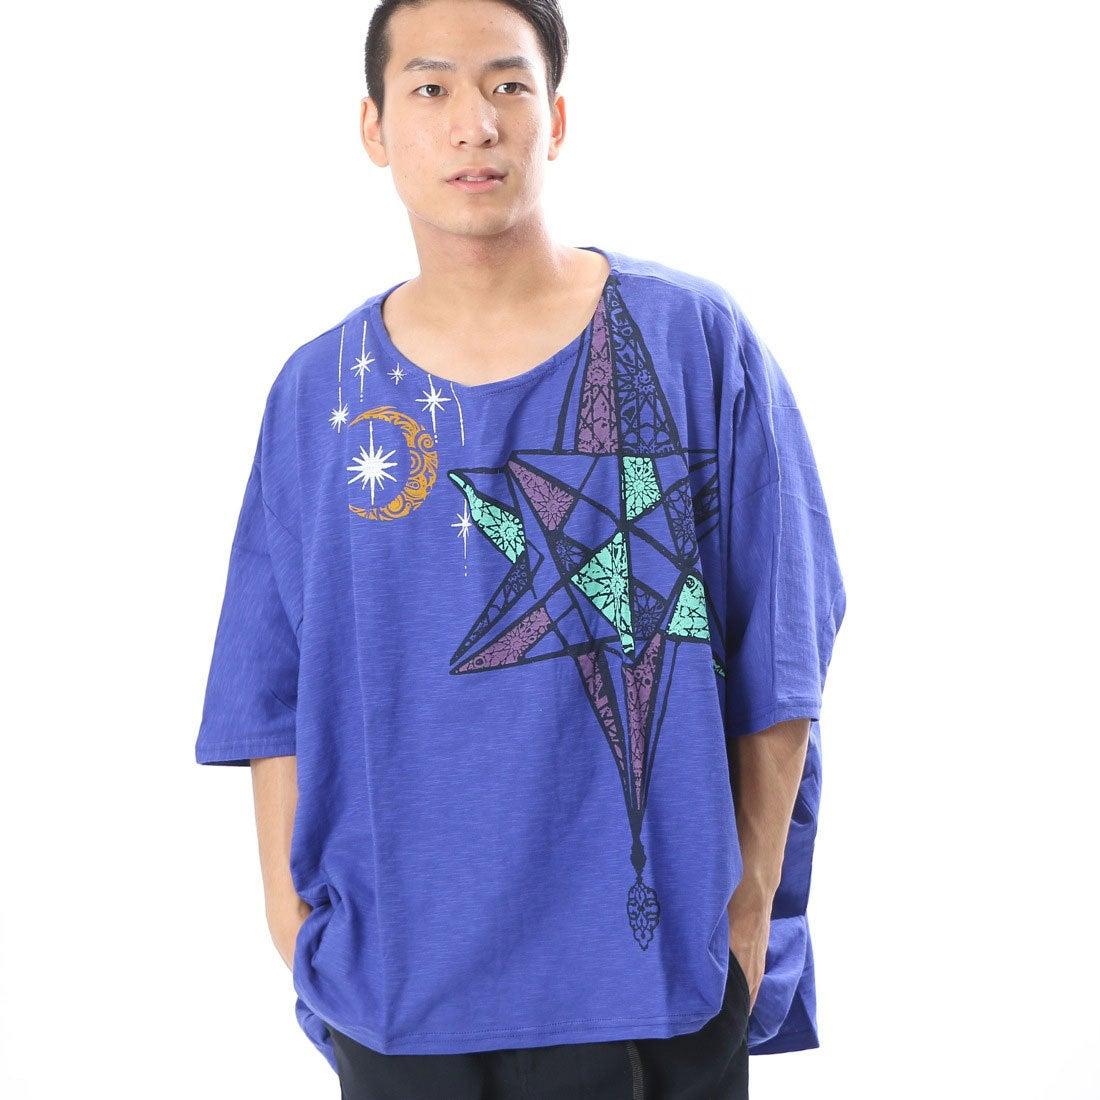 【チャイハネ】モロッコランプ★アラビアンプリントメンズTシャツ ブルー